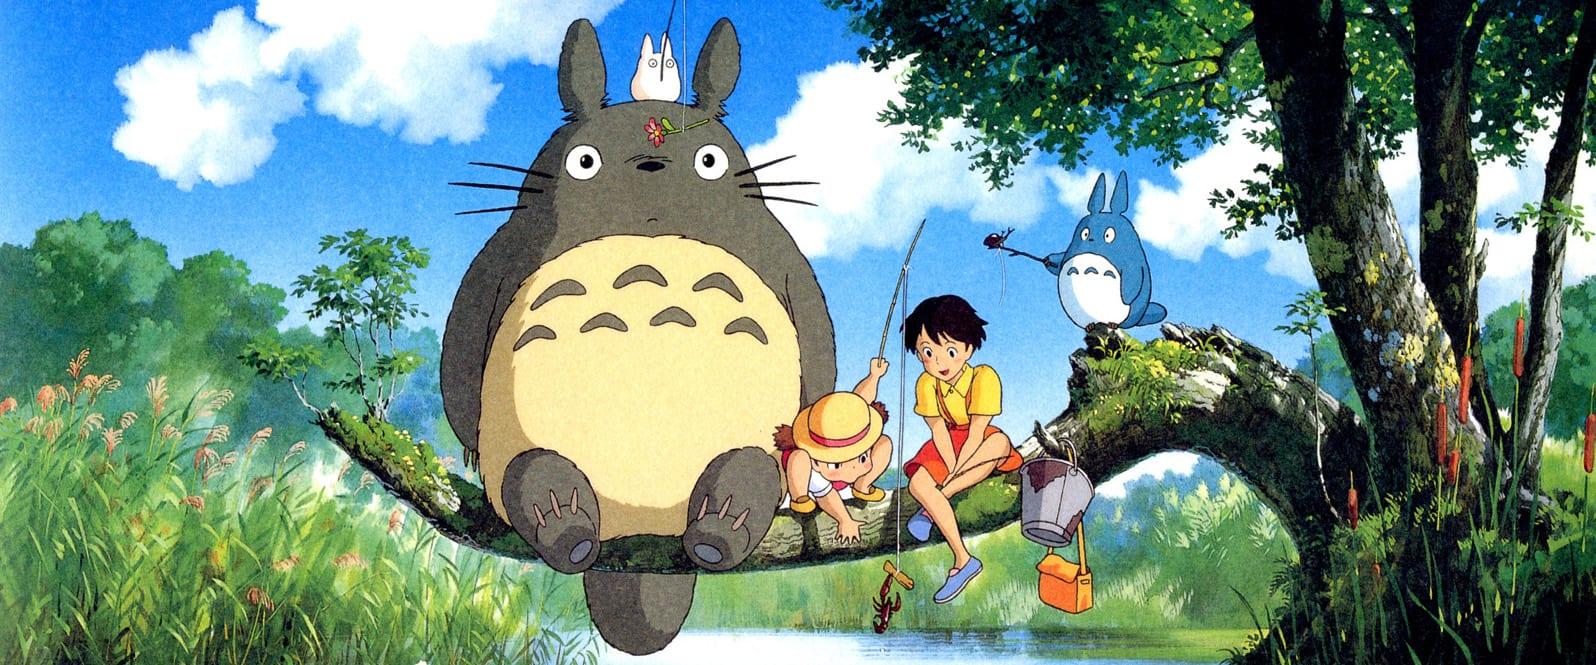 TOP 10 films geek My Geek Actu Mon Voisin Totoro